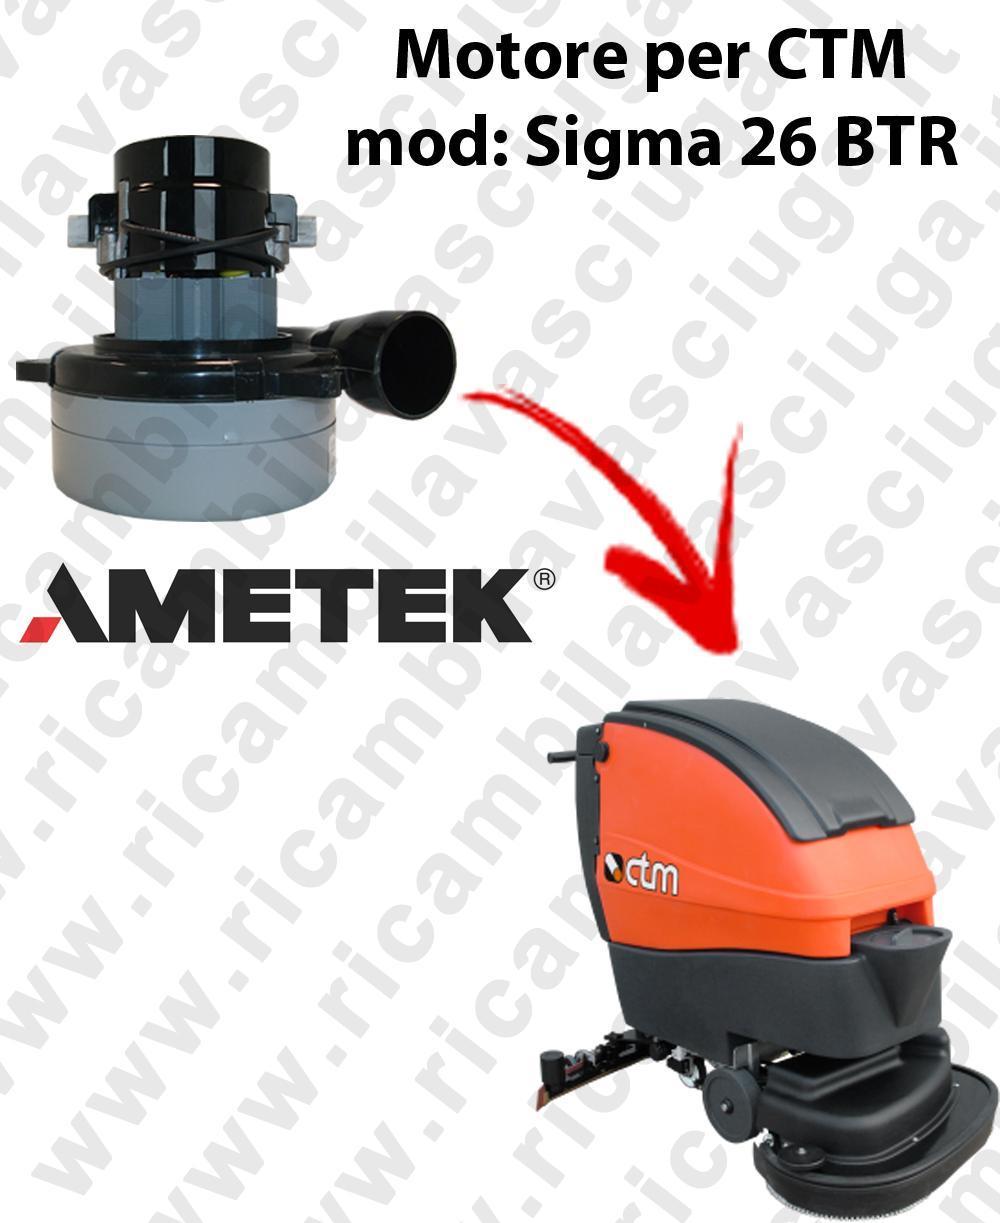 SIGMA 26 BTR Saugmotor LAMB AMETEK für scheuersaugmaschinen CTM